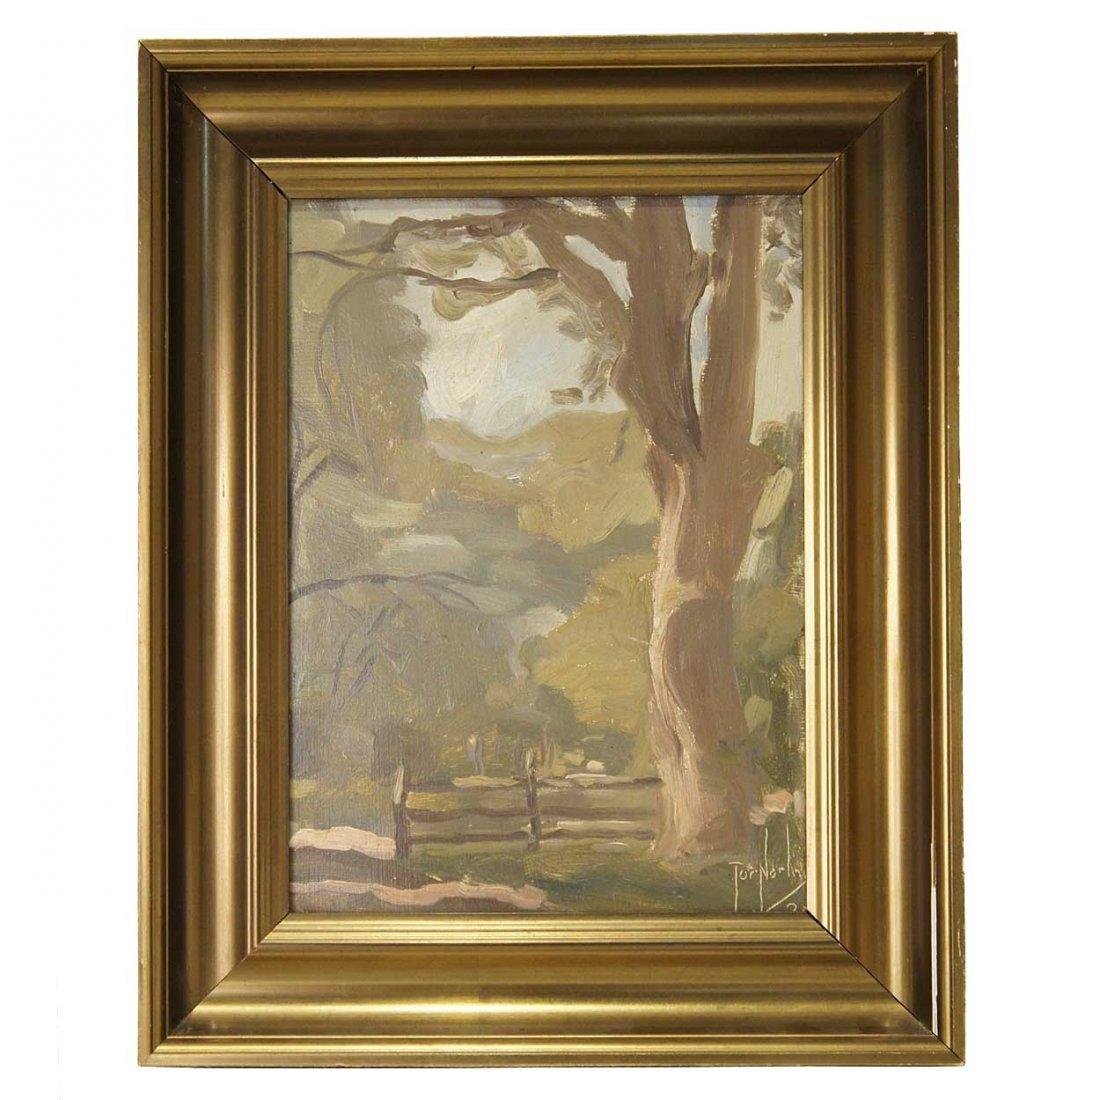 583: Tor Norling, (Swedish, 1895-1972), Landscape